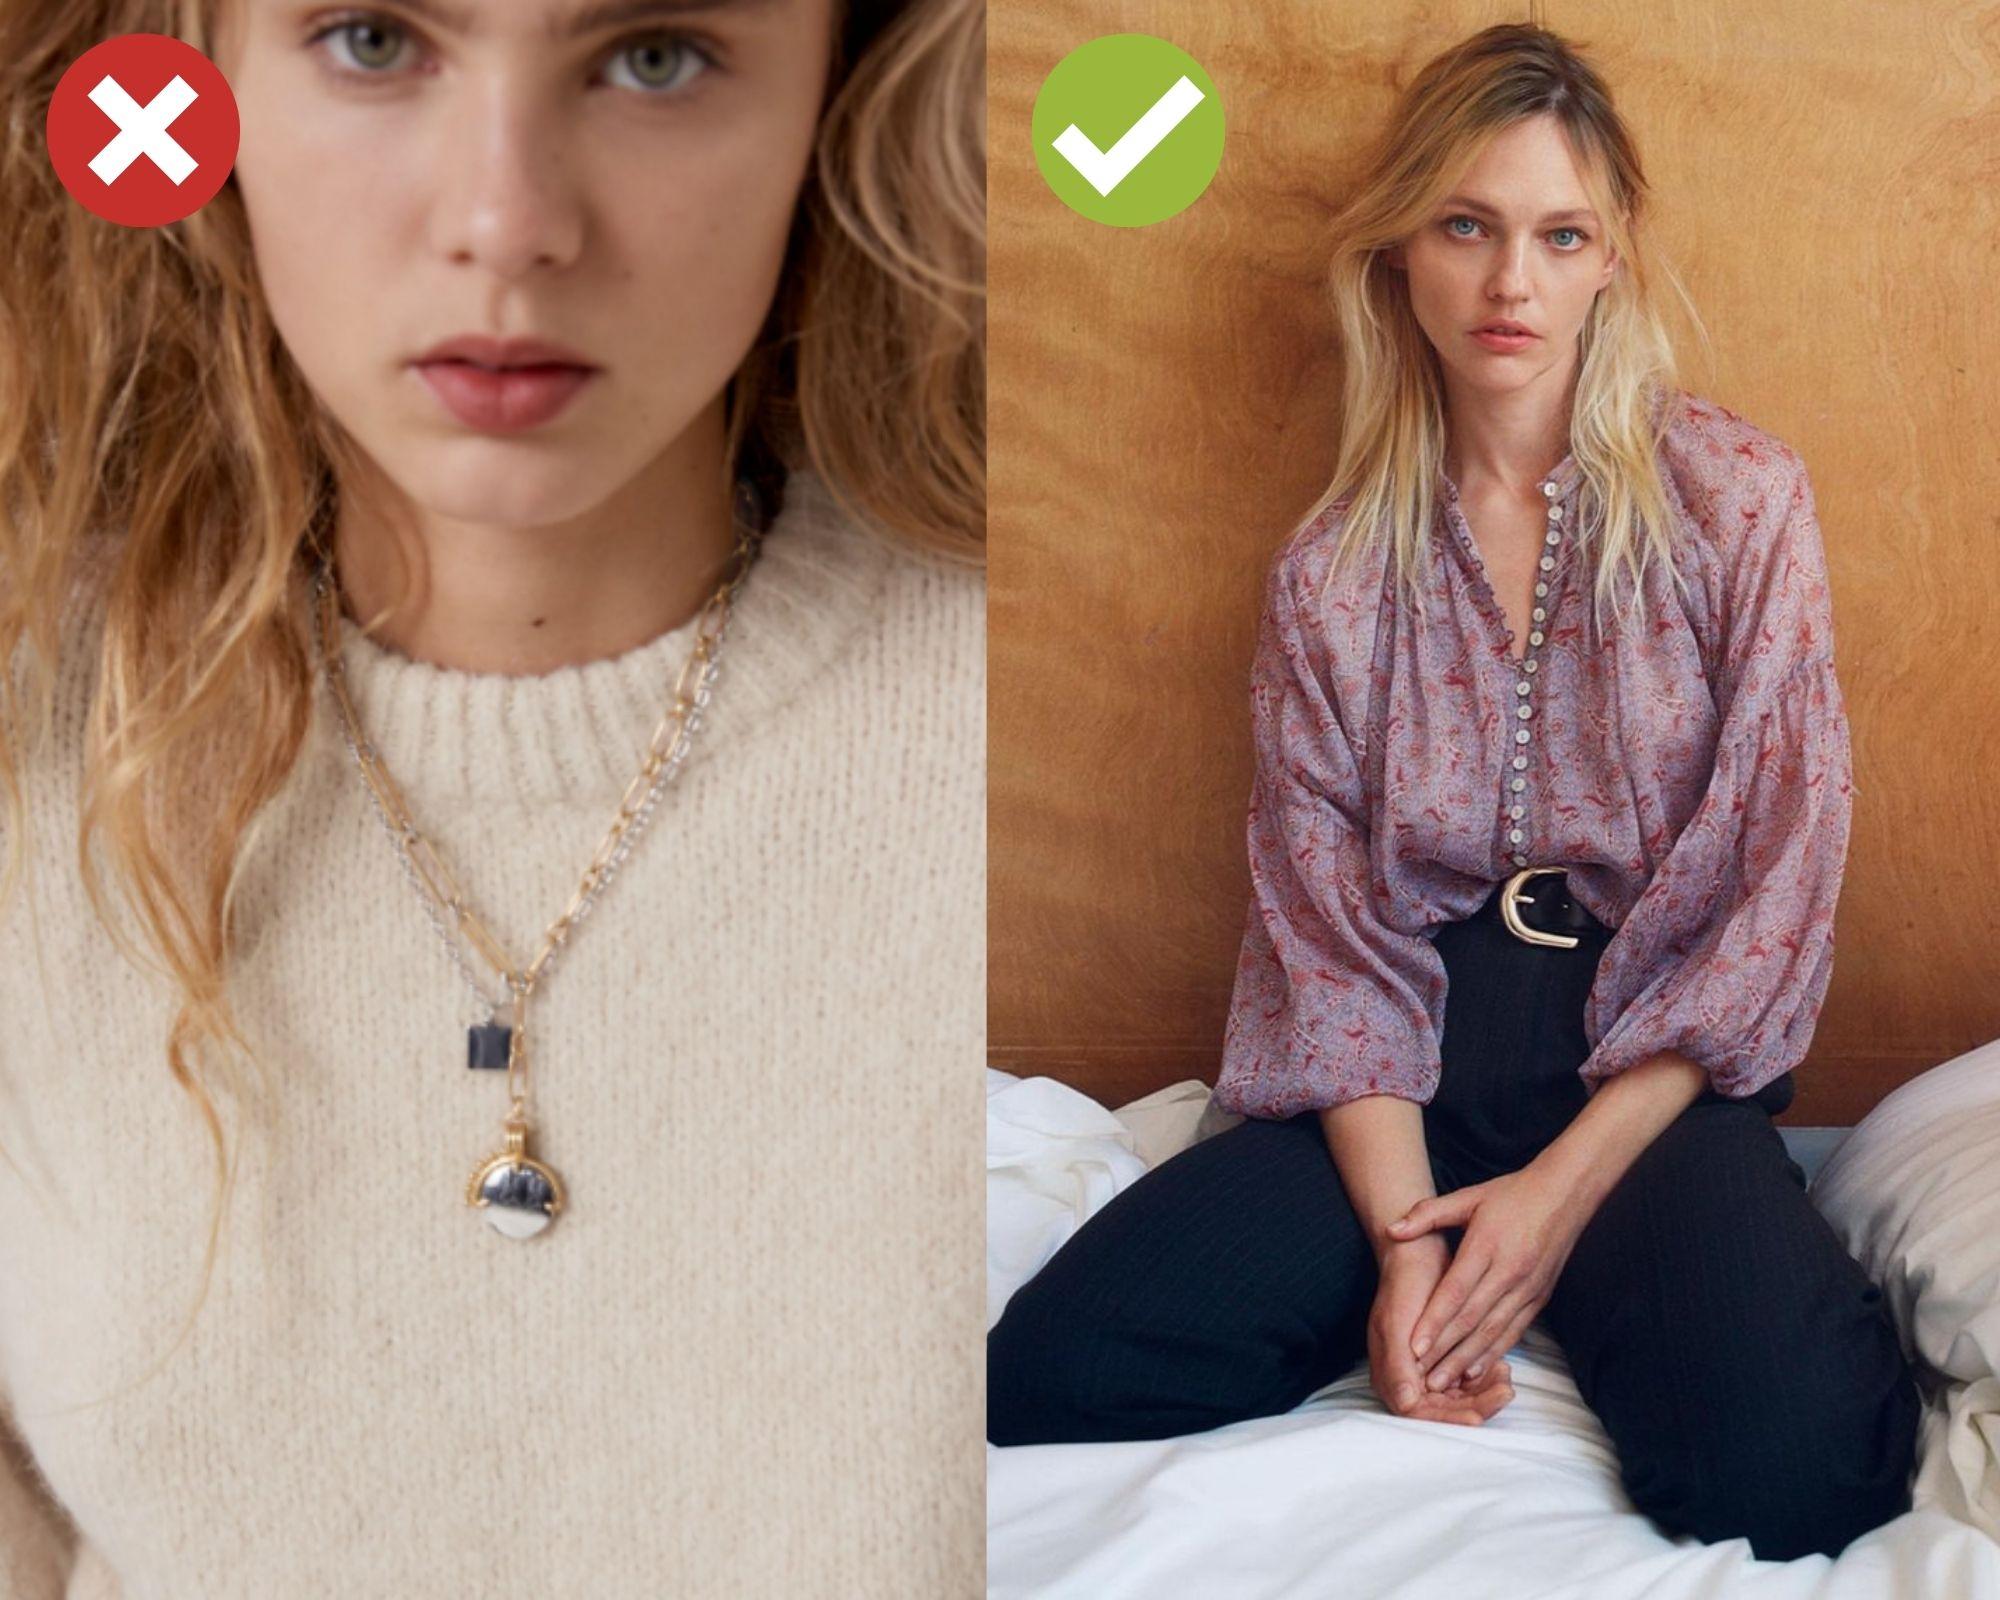 Những items các BTV sẽ mua và không mua ở Zara, chị em xem mà rút kinh nghiệm shopping đồ diện Tết - Ảnh 2.